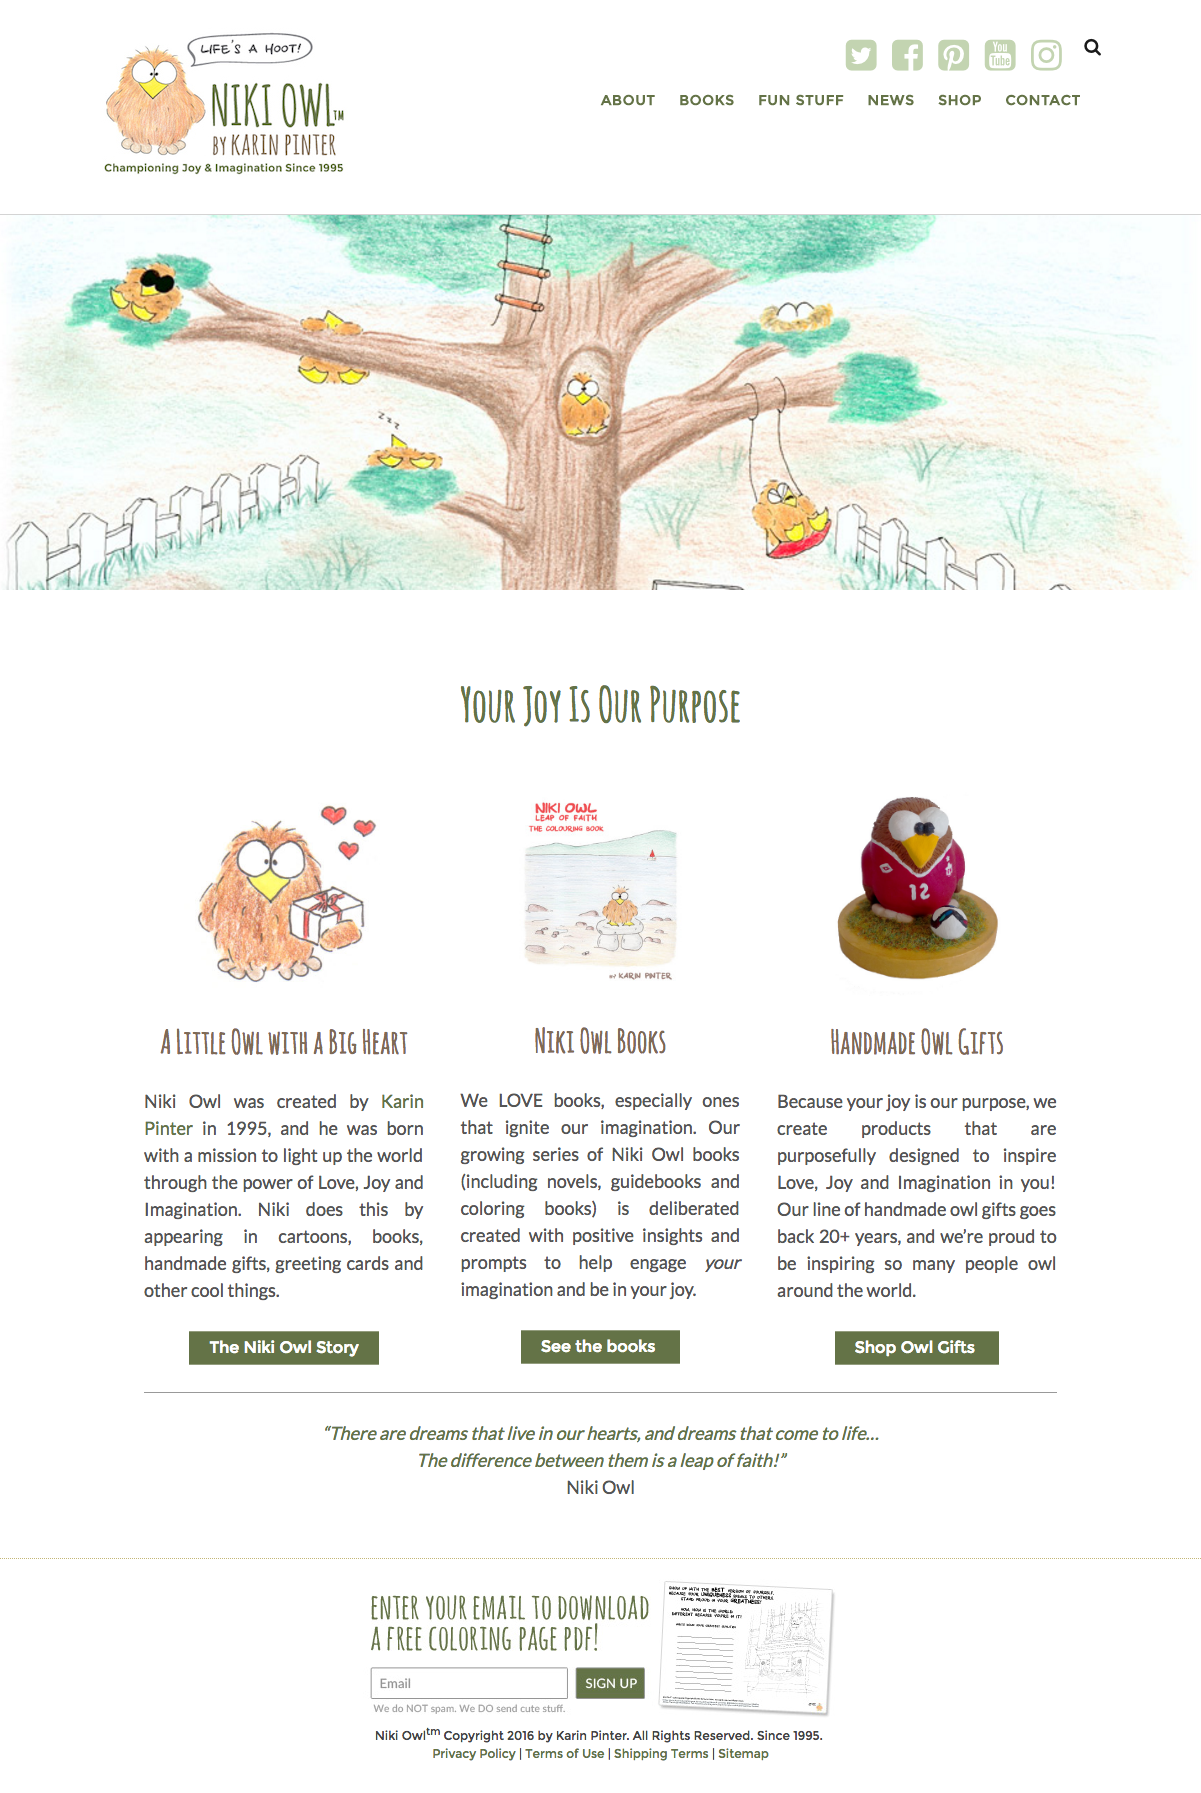 niki owl website